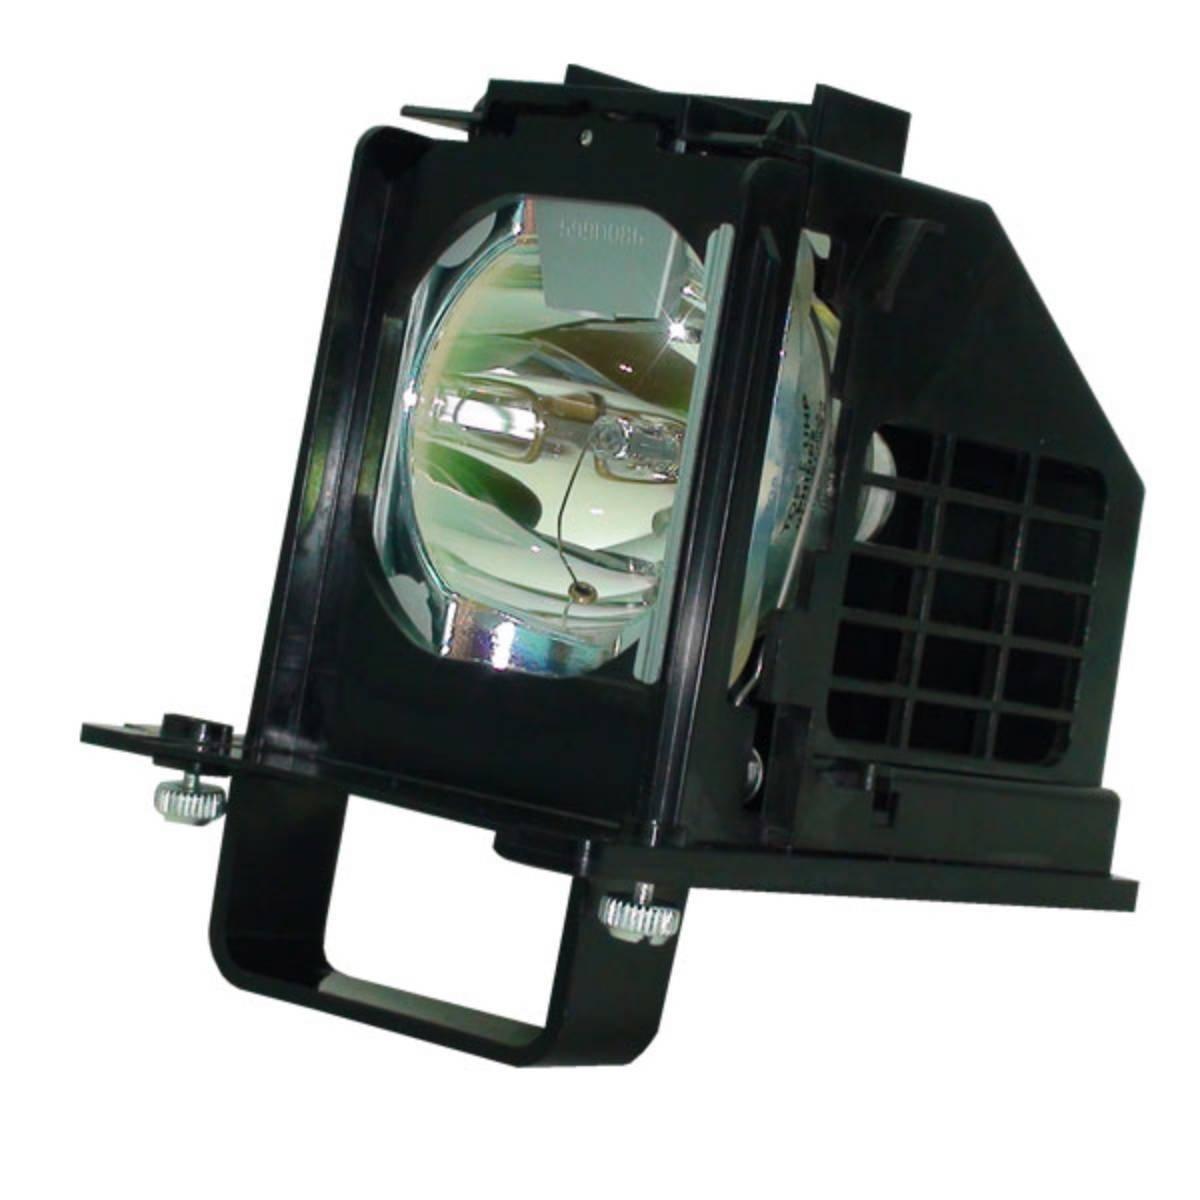 Boryli Replacement lamp 915B441001 MISUBISHI 915B441001 MISUBISHI WD-65738 WD-65638 WD-73C10 WD-73838 WD-73738 WD-60638 WD-65C10